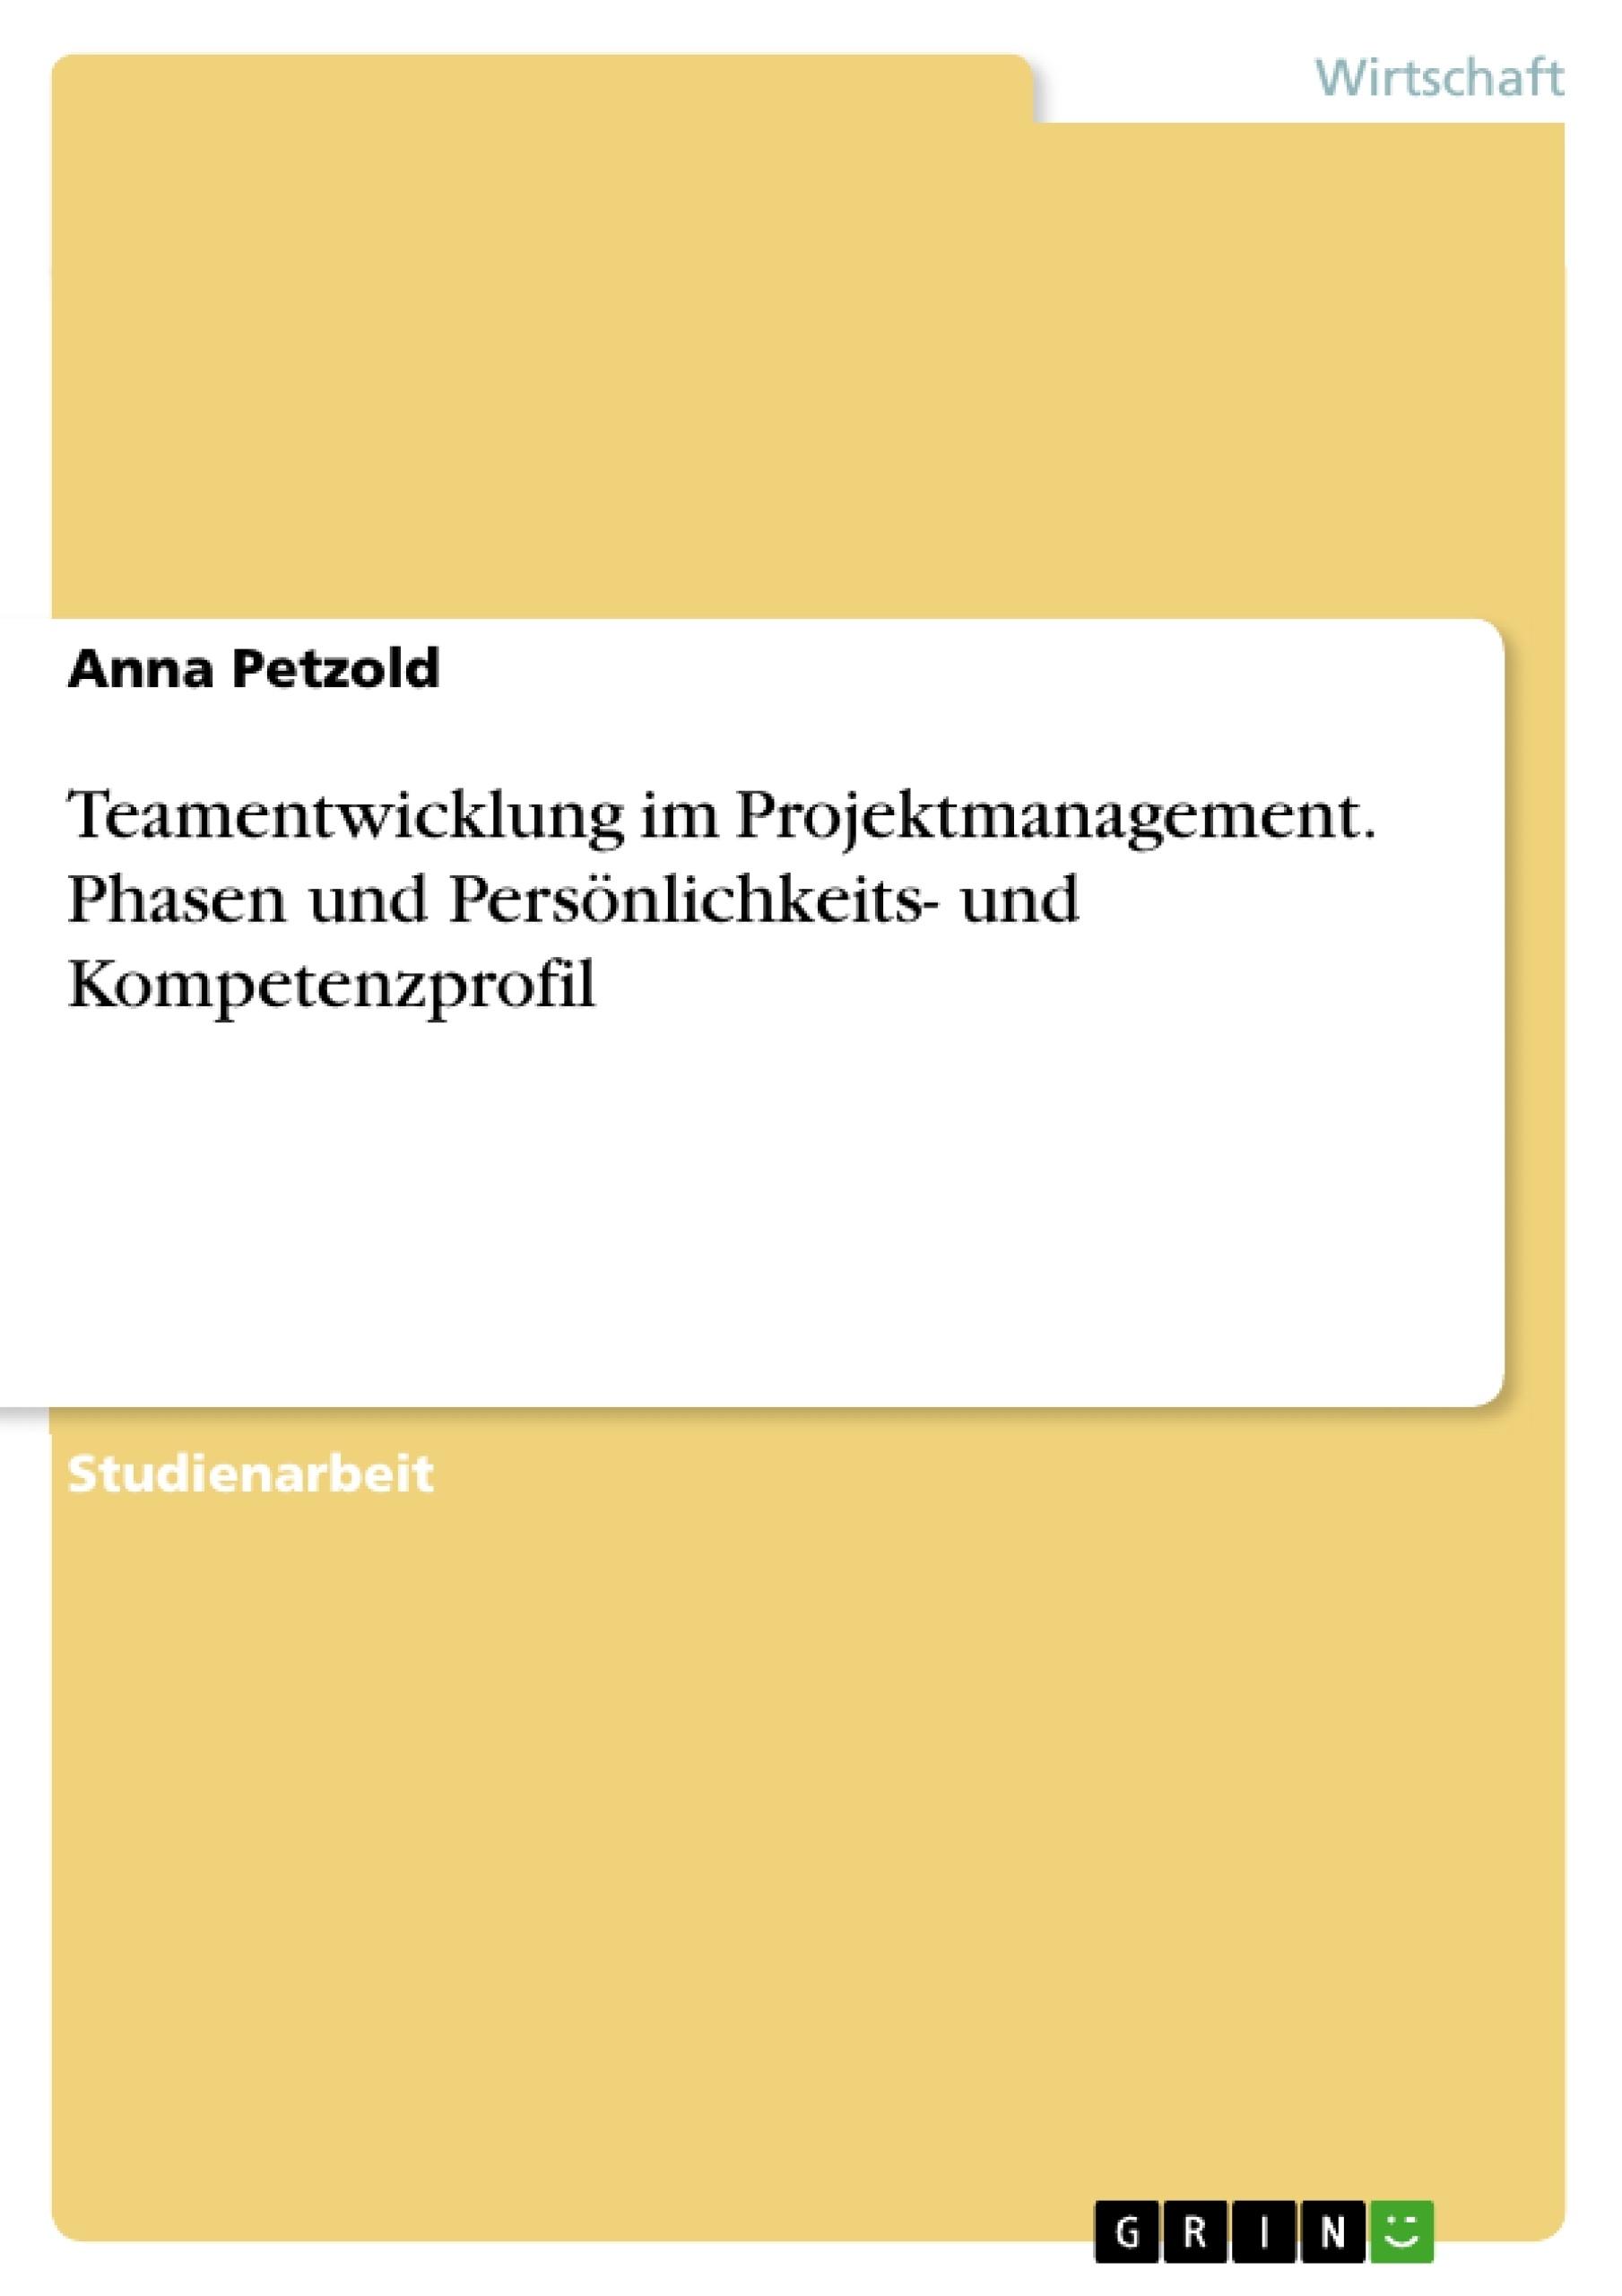 Titel: Teamentwicklung im Projektmanagement. Phasen und Persönlichkeits- und Kompetenzprofil